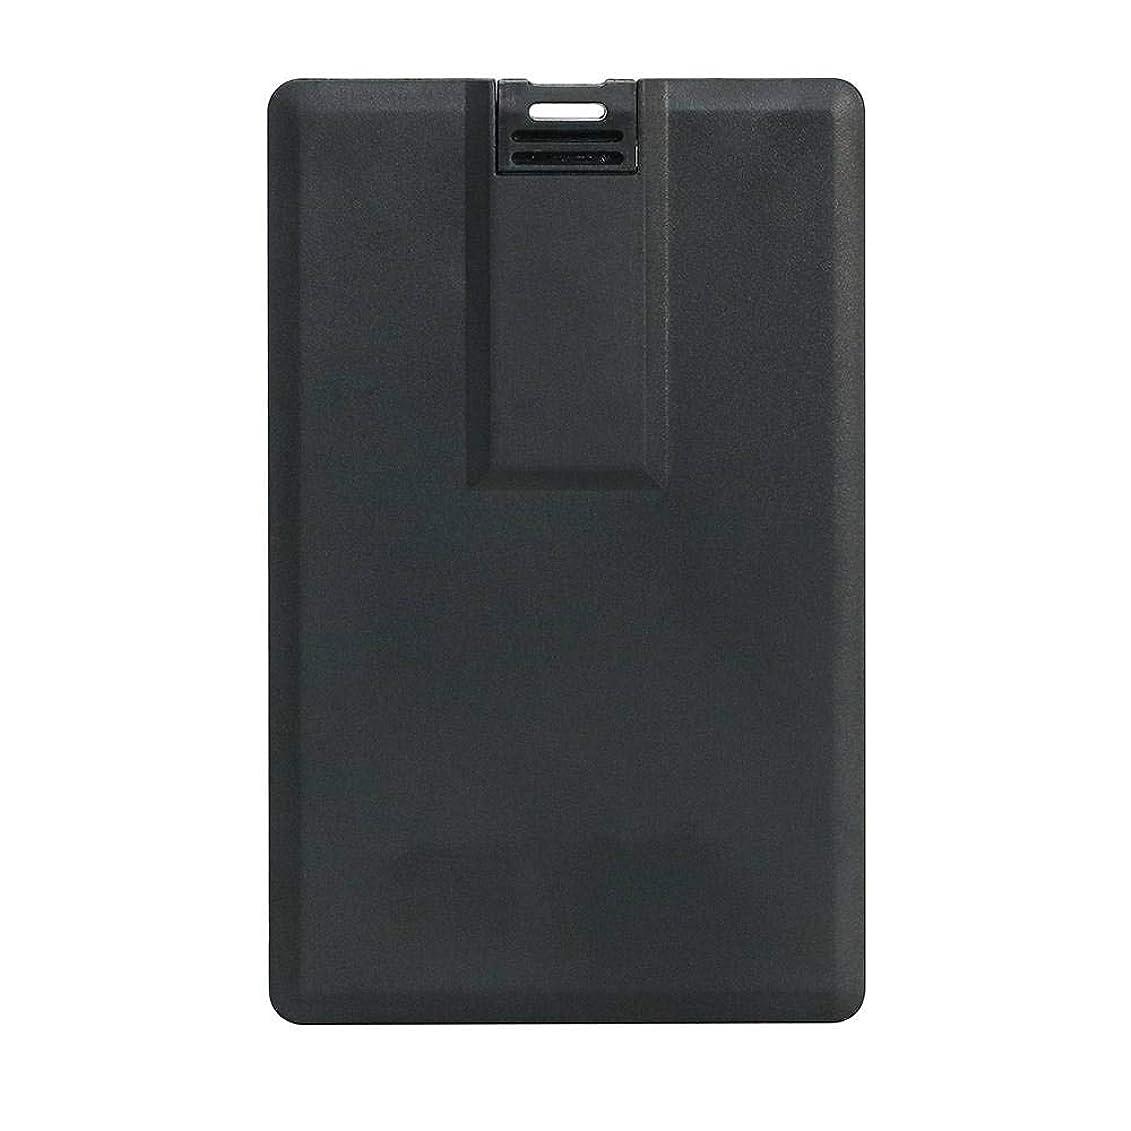 マーカー予想外囚人LUHEUPM メタルカードUsbフラッシュドライブ32g Pendrive 64g Usbスティック16g 8gフラッシュドライブメモリスティック銀行カードペンドライブプラスチック白128GB 3.0木製フラッシュドライブ2.0 Usb